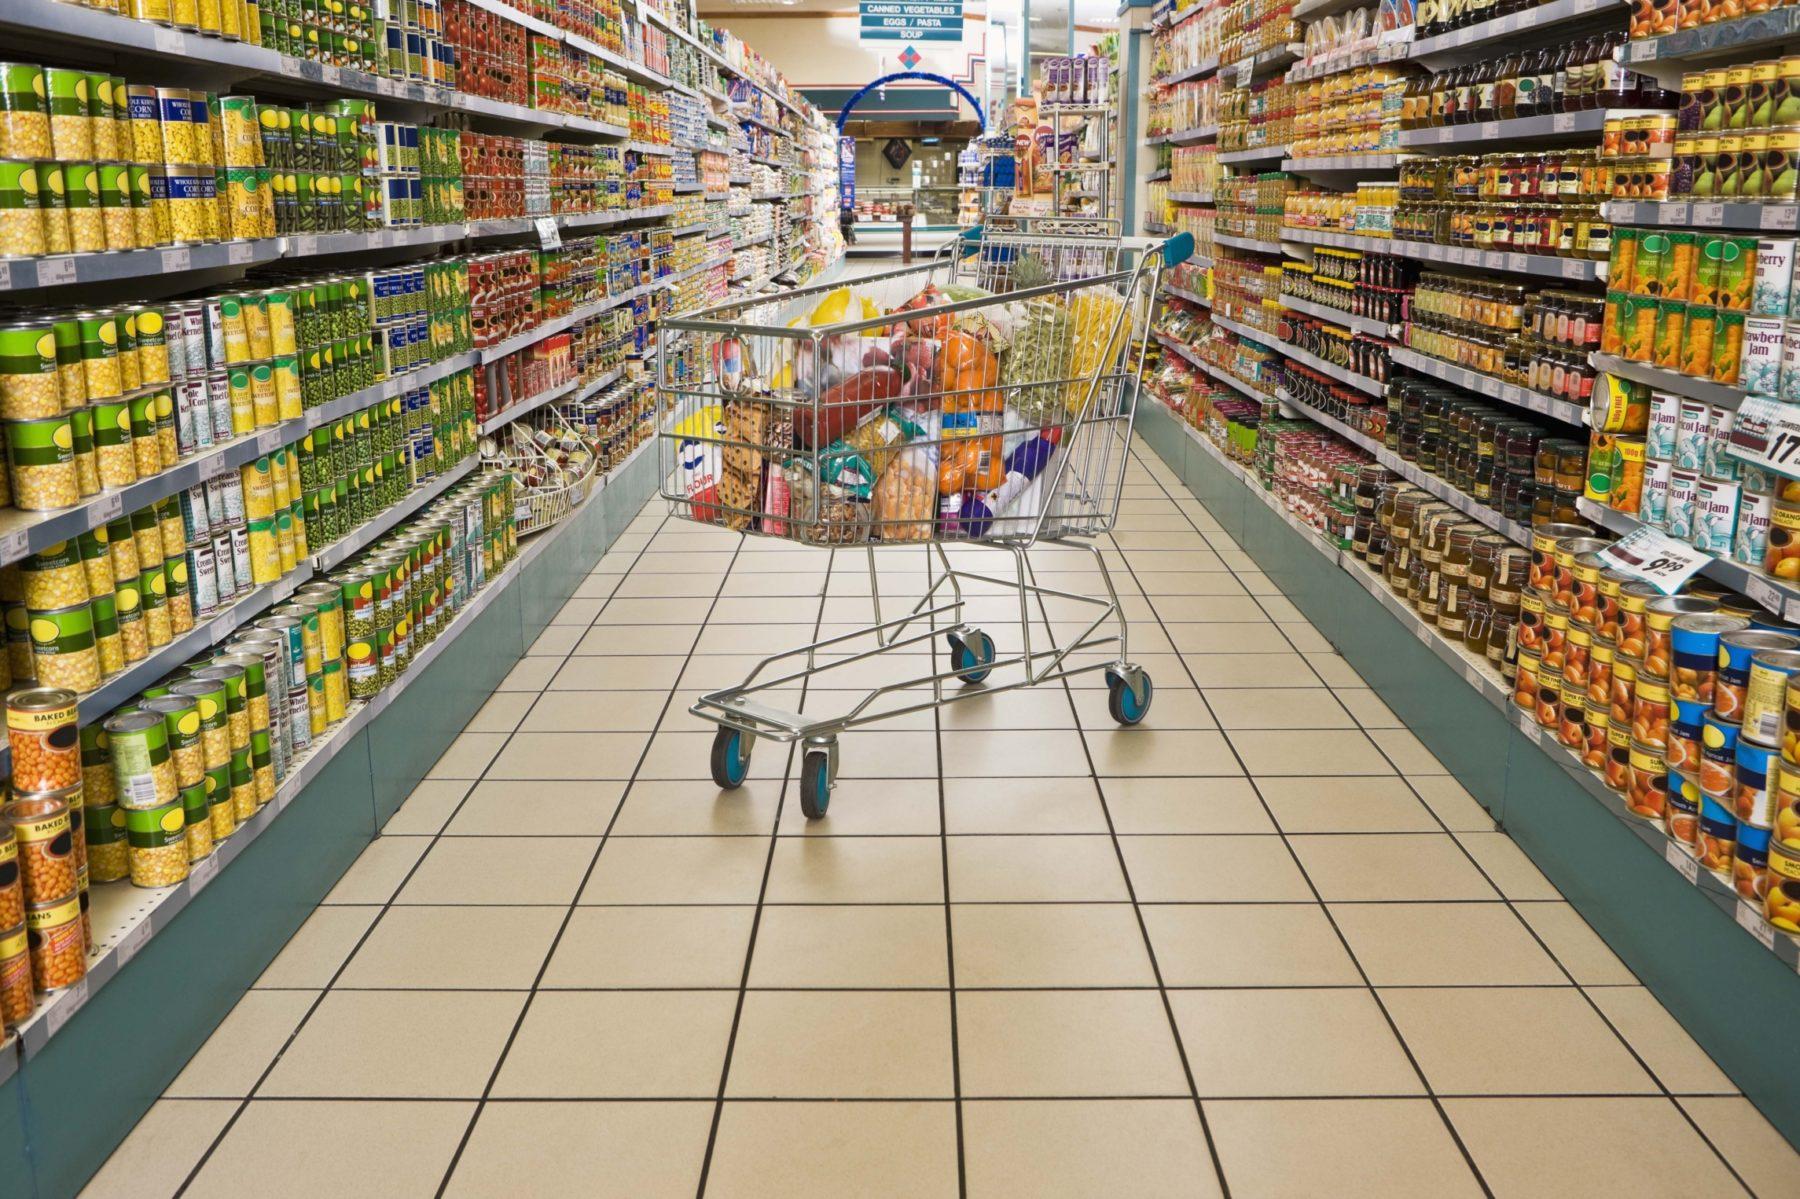 Carrello per la spesa in mezzo al corridoio del supermercato